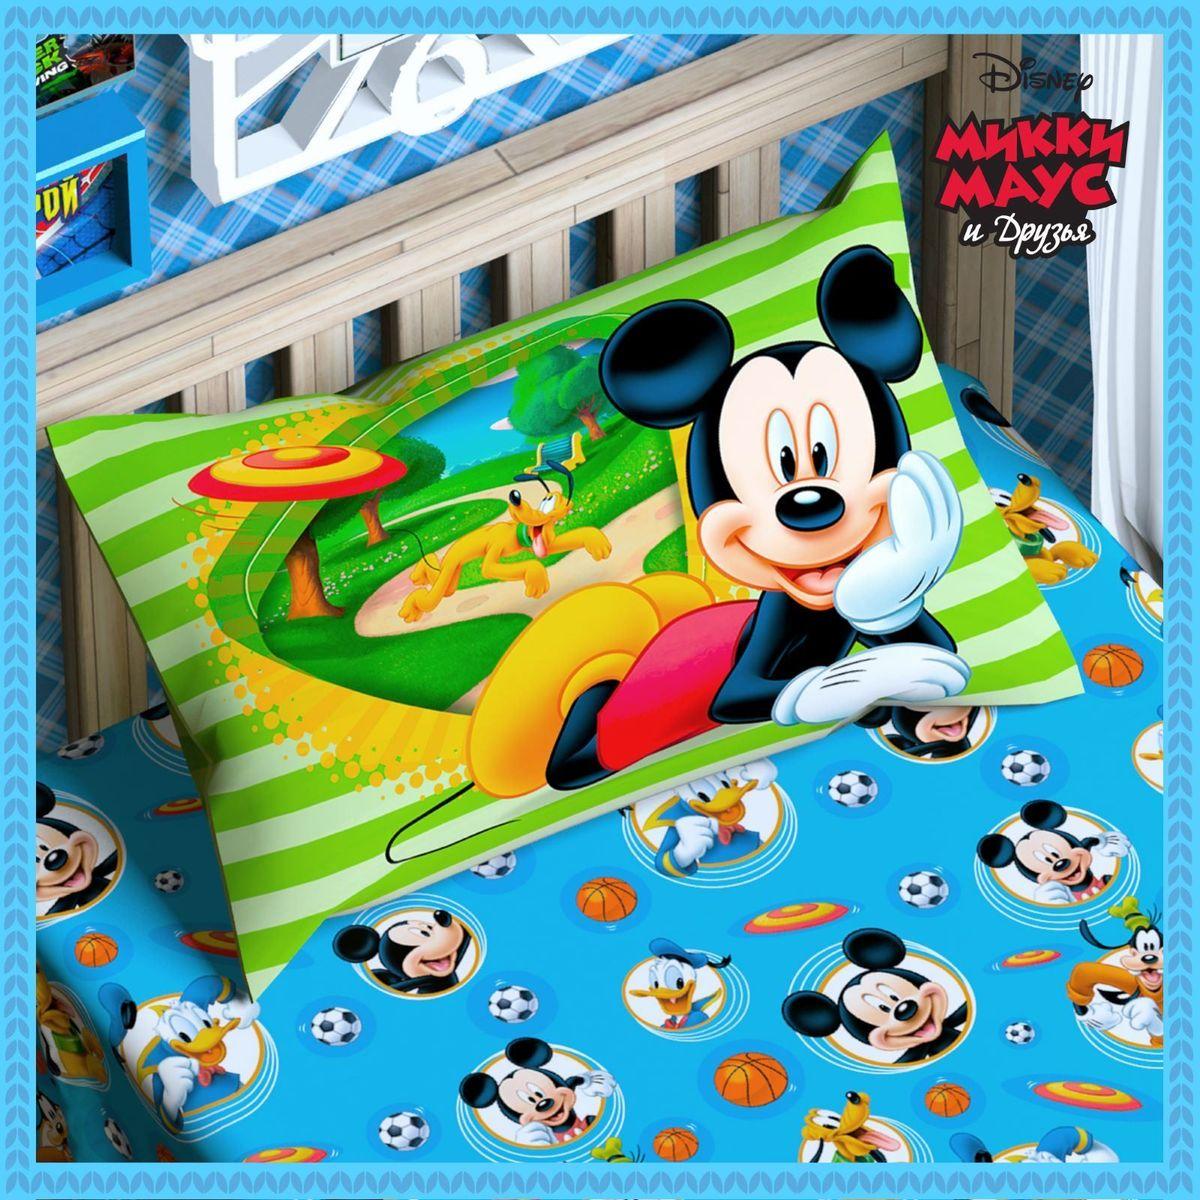 Disney Подушка панно Микки Маус и его друзья 50 х 70 115311101040 Marcele pinkСказочные сны с любимыми героями Disney. Маленький любитель мультфильмов Disney будет в восторге от этого яркого одеяла ! Оно подарит крохе захватывающие сны и по-настоящему доброе утро.Почему?Потому что одеяло изготовлено в России на современном оборудовании, а при нанесении рисунка использовались только качественные европейские красители.Над дизайном работала команда настоящих мастеров своего дела: очаровательные персонажи мультфильмов, детально проработанная картинка, гармоничное сочетание цветов — всё это результат их кропотливой работы.В качестве наполнителя для изделия используется файбер — практичный, безопасный и мягкий материал. Именно поэтому одеяло:поддерживает комфортную температуру тела во время сна;не способствует появлению аллергии и раздражения;позволяет коже дышать и впитывает влагу;хорошо переносит многочисленные стирки, сохраняя первоначальную форму и внешний вид;Чехол выполнен из поплина — прочной, невероятно приятной на ощупь хлопковой ткани, которая хорошо поддаётся окрашиванию и также позволяет коже дышать.Состав:Чехол: хлопок 100 %, поплин 125 г/м?.Наполнитель: файбер 200 г/м?.Рекомендации по уходу за изделием: стирайте при температуре не выше 40 °C без использования отбеливателей. Сушите в горизонтальном положении.